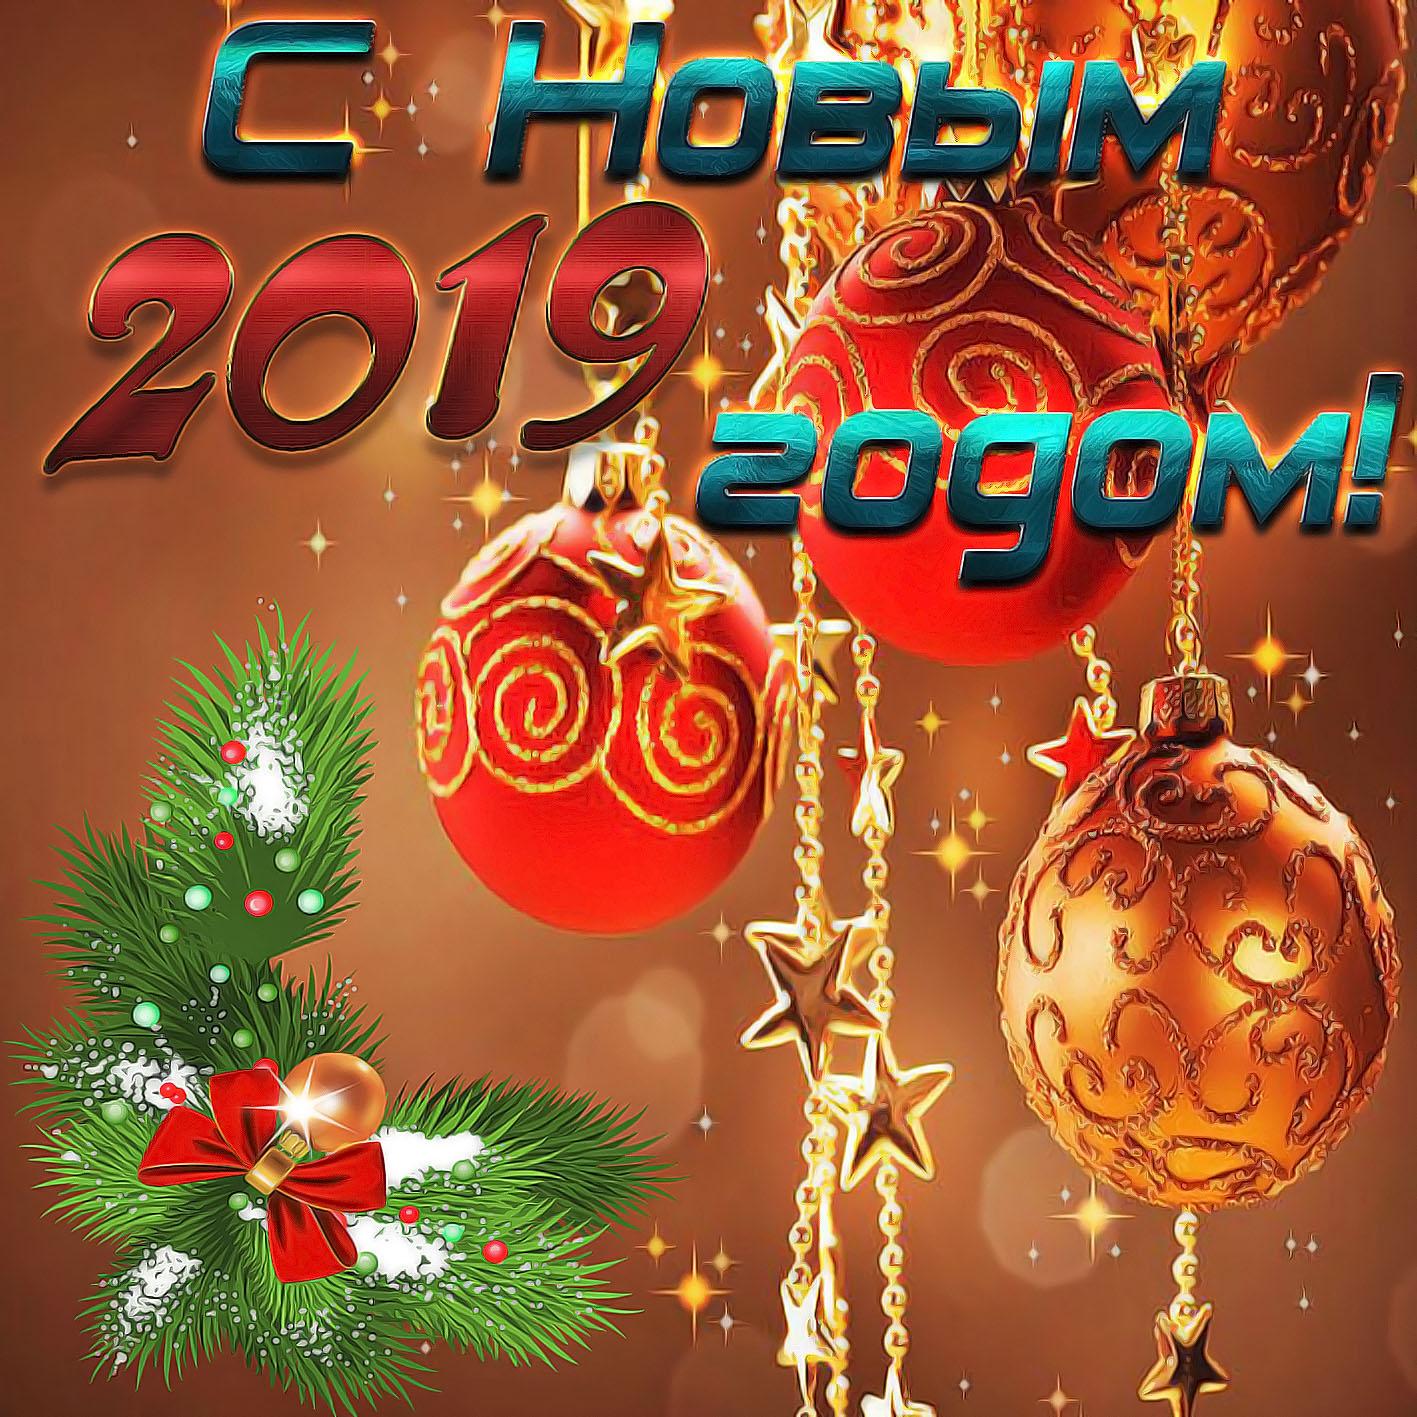 Открытка с Новым годом - красивые ёлочные игрушки на приятном фоне